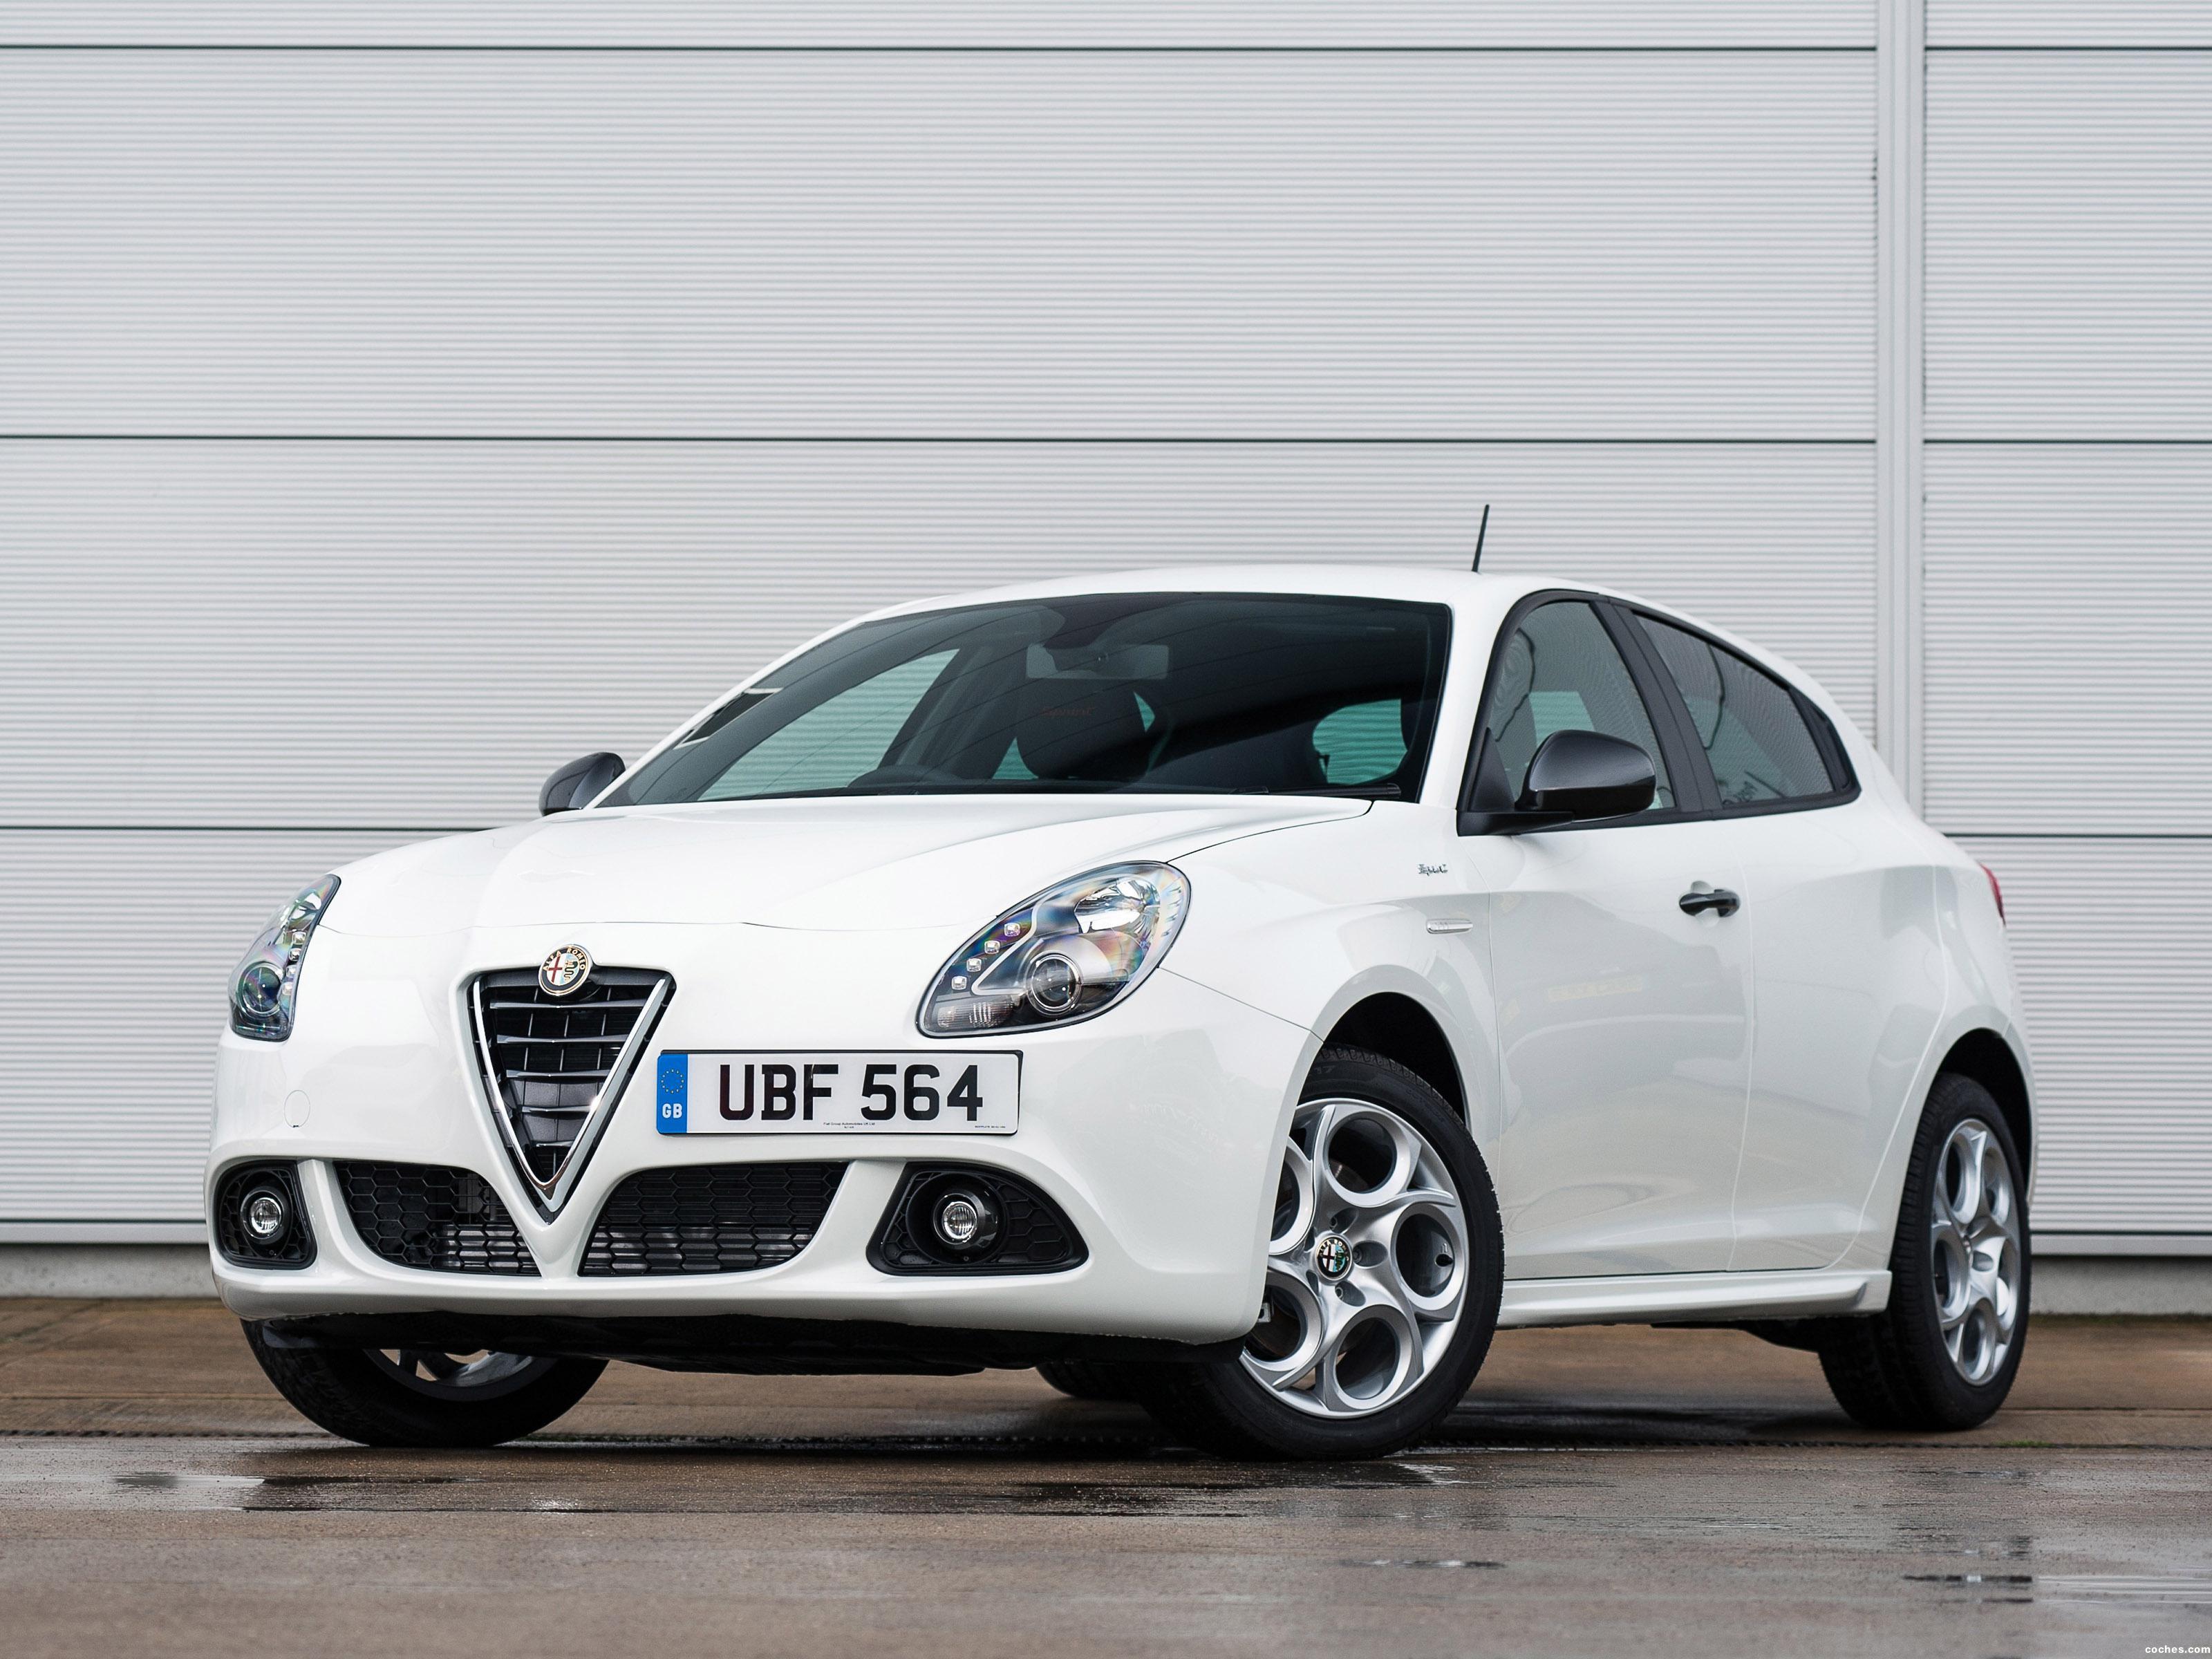 Foto 0 de Alfa Romeo Giulietta Sprint UK 2014